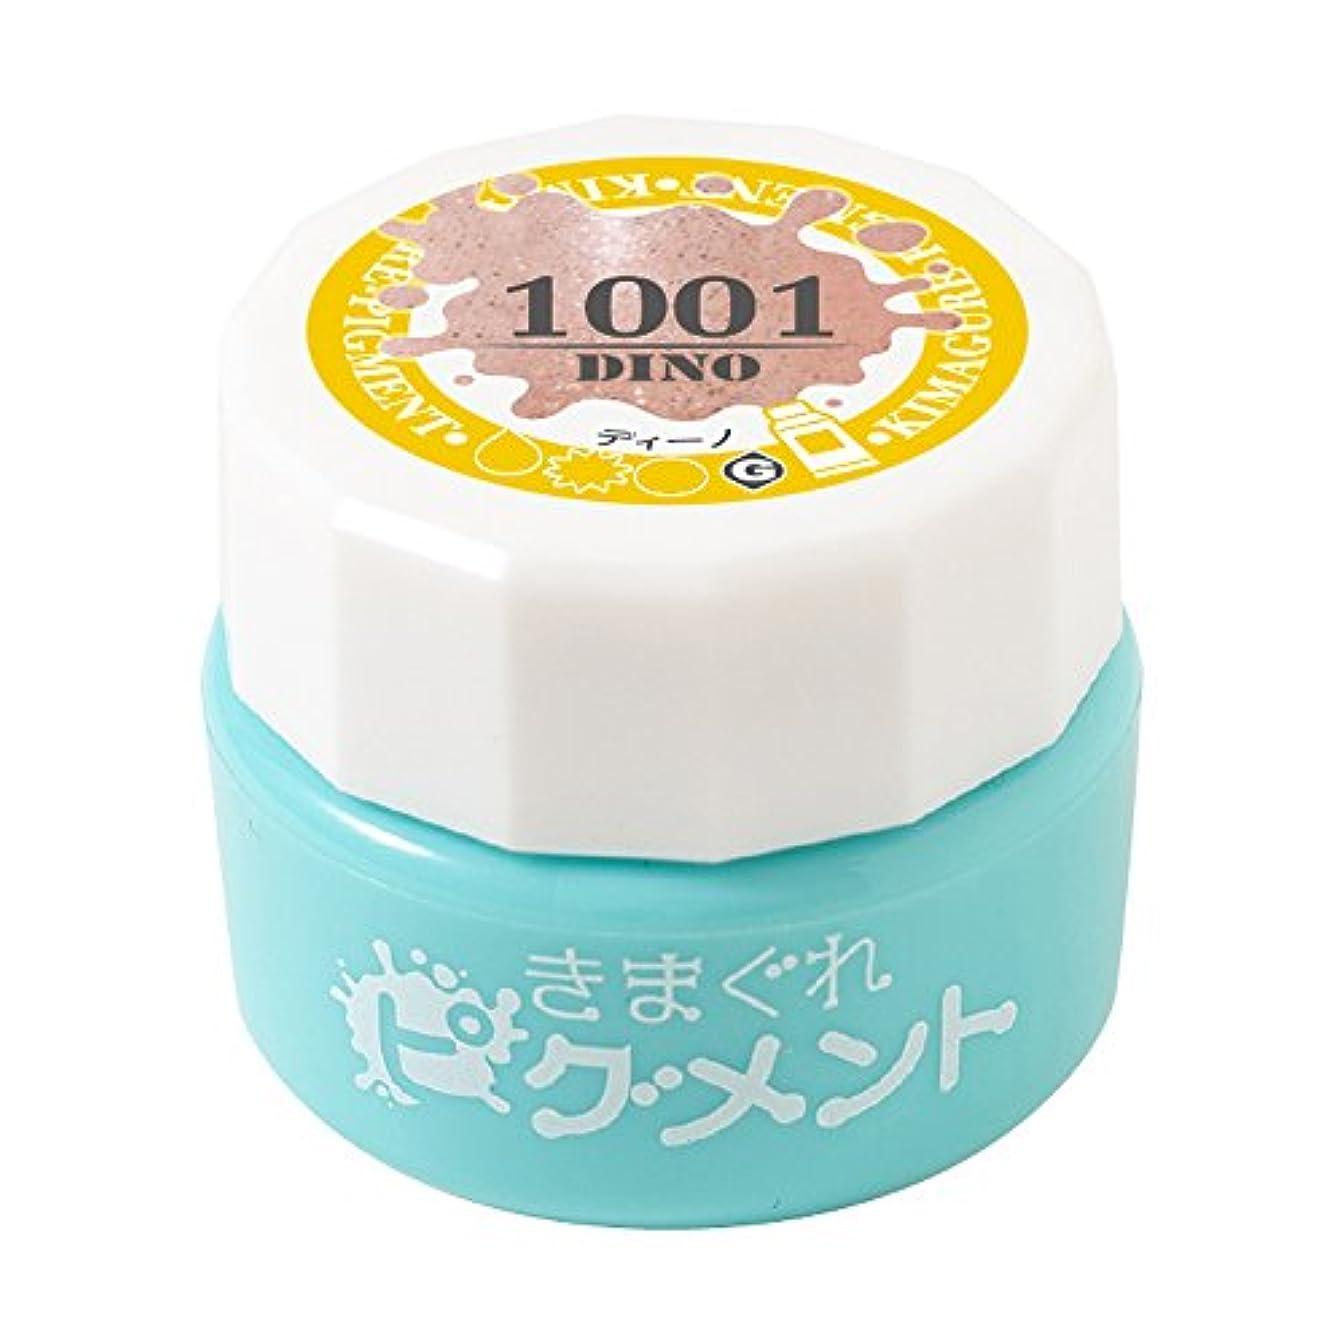 Bettygel きまぐれピグメント ディーノ QYJ-1001 4g UV/LED対応